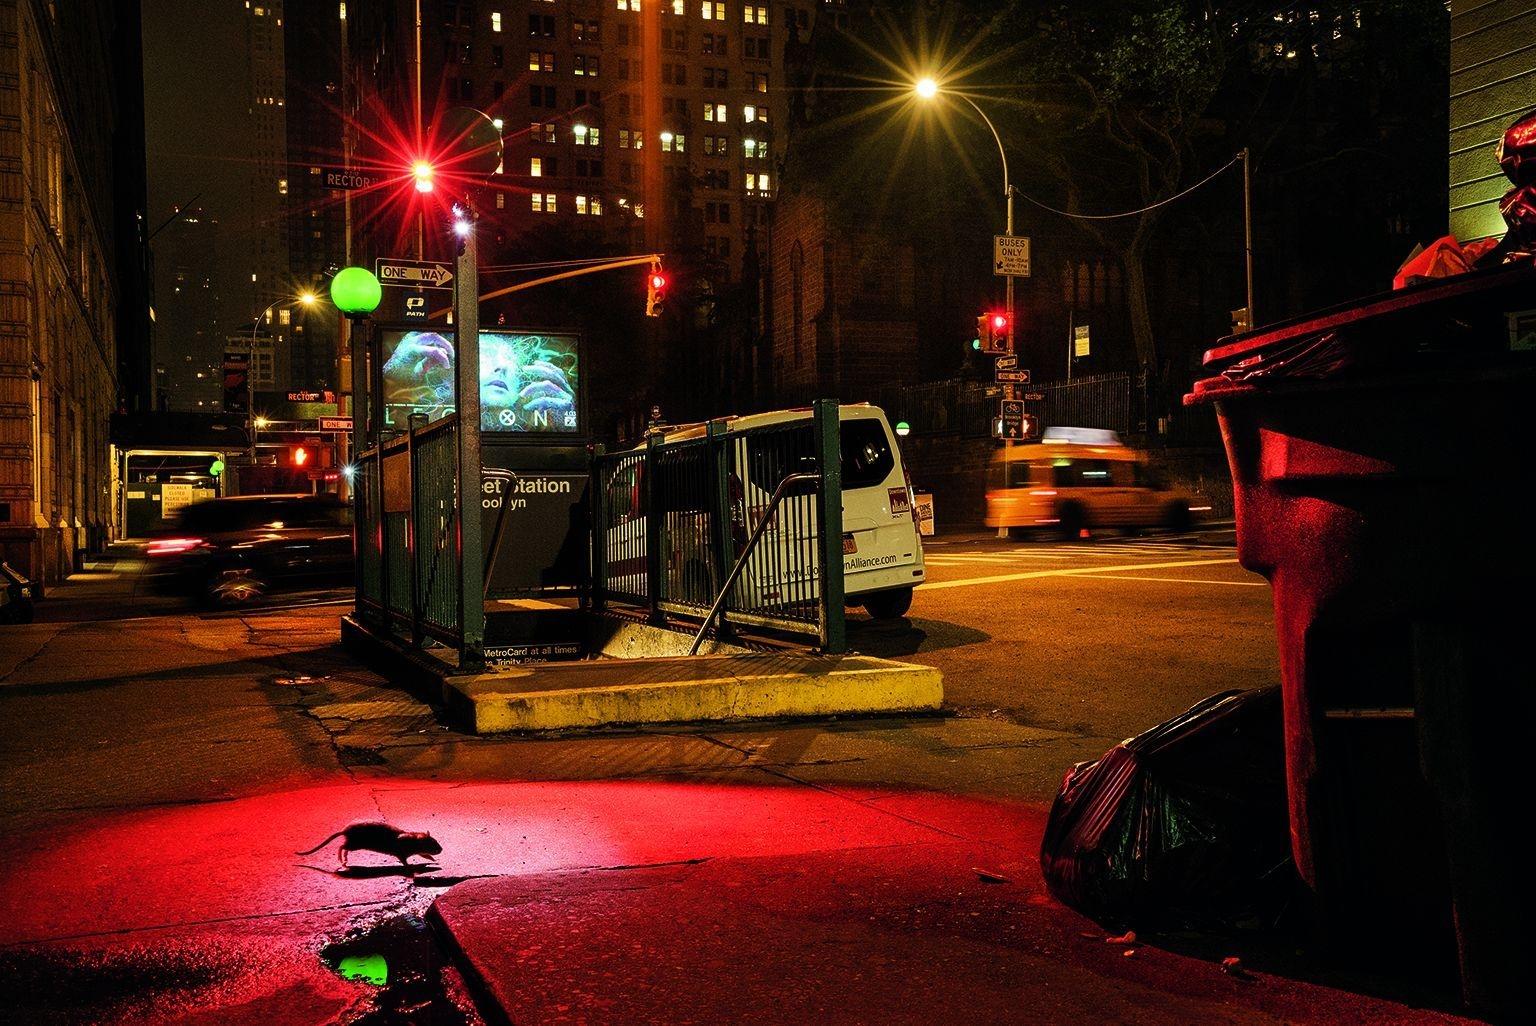 紐約市|好幾種老鼠因為適應力強又聰明,已經演化為能在大城市裡大量繁衍。不過,即使是最見怪不怪的都市居民,看到老鼠在西百老匯區奔竄的景象,還是會驚跳一下。儘管老鼠已經和人類共同生活了數千年,許多人還是覺得老鼠令人恐懼又反感。紐約的老鼠多為溝鼠,牠們的野生祖先生活在中國北部與蒙古,在1500年已在歐洲部分地區立足,然後在1750年代隨著歐洲人橫渡大西洋抵達美洲。攝影:查理.漢米爾頓.詹姆士